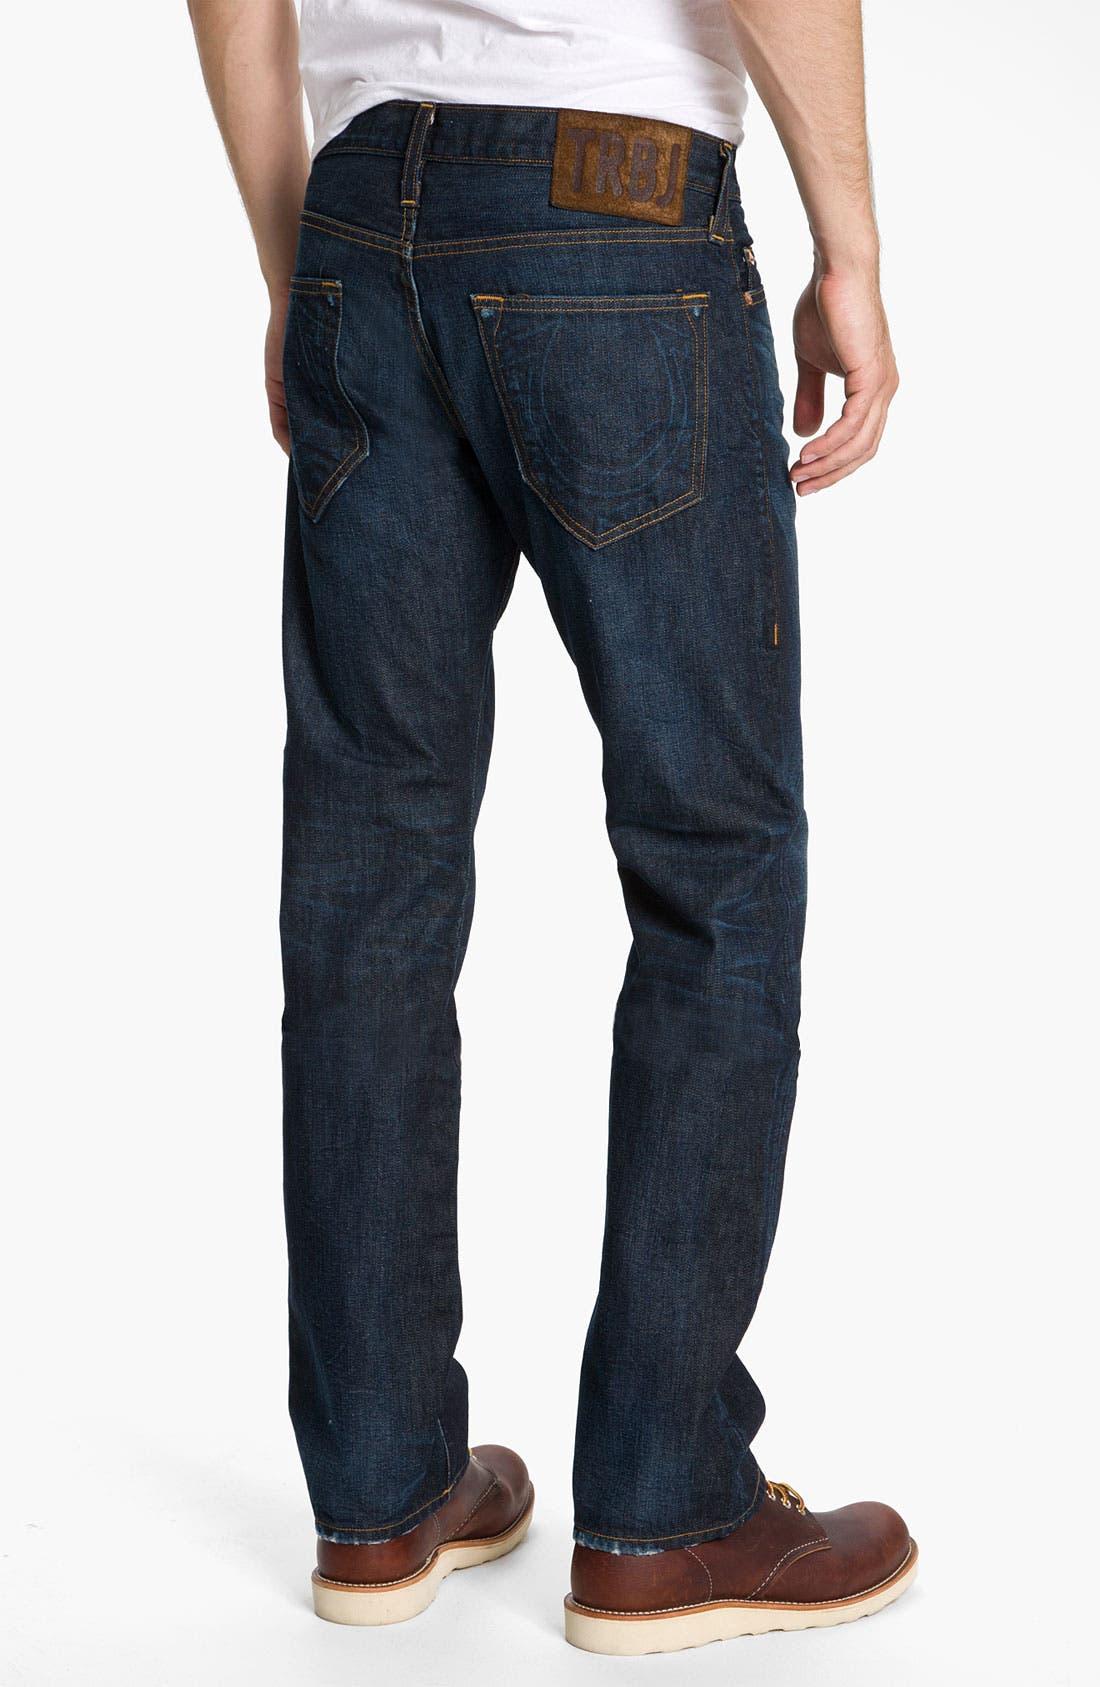 Alternate Image 1 Selected - True Religion Brand Jeans 'Bobby 1971' Straight Leg Jeans (Ransom)